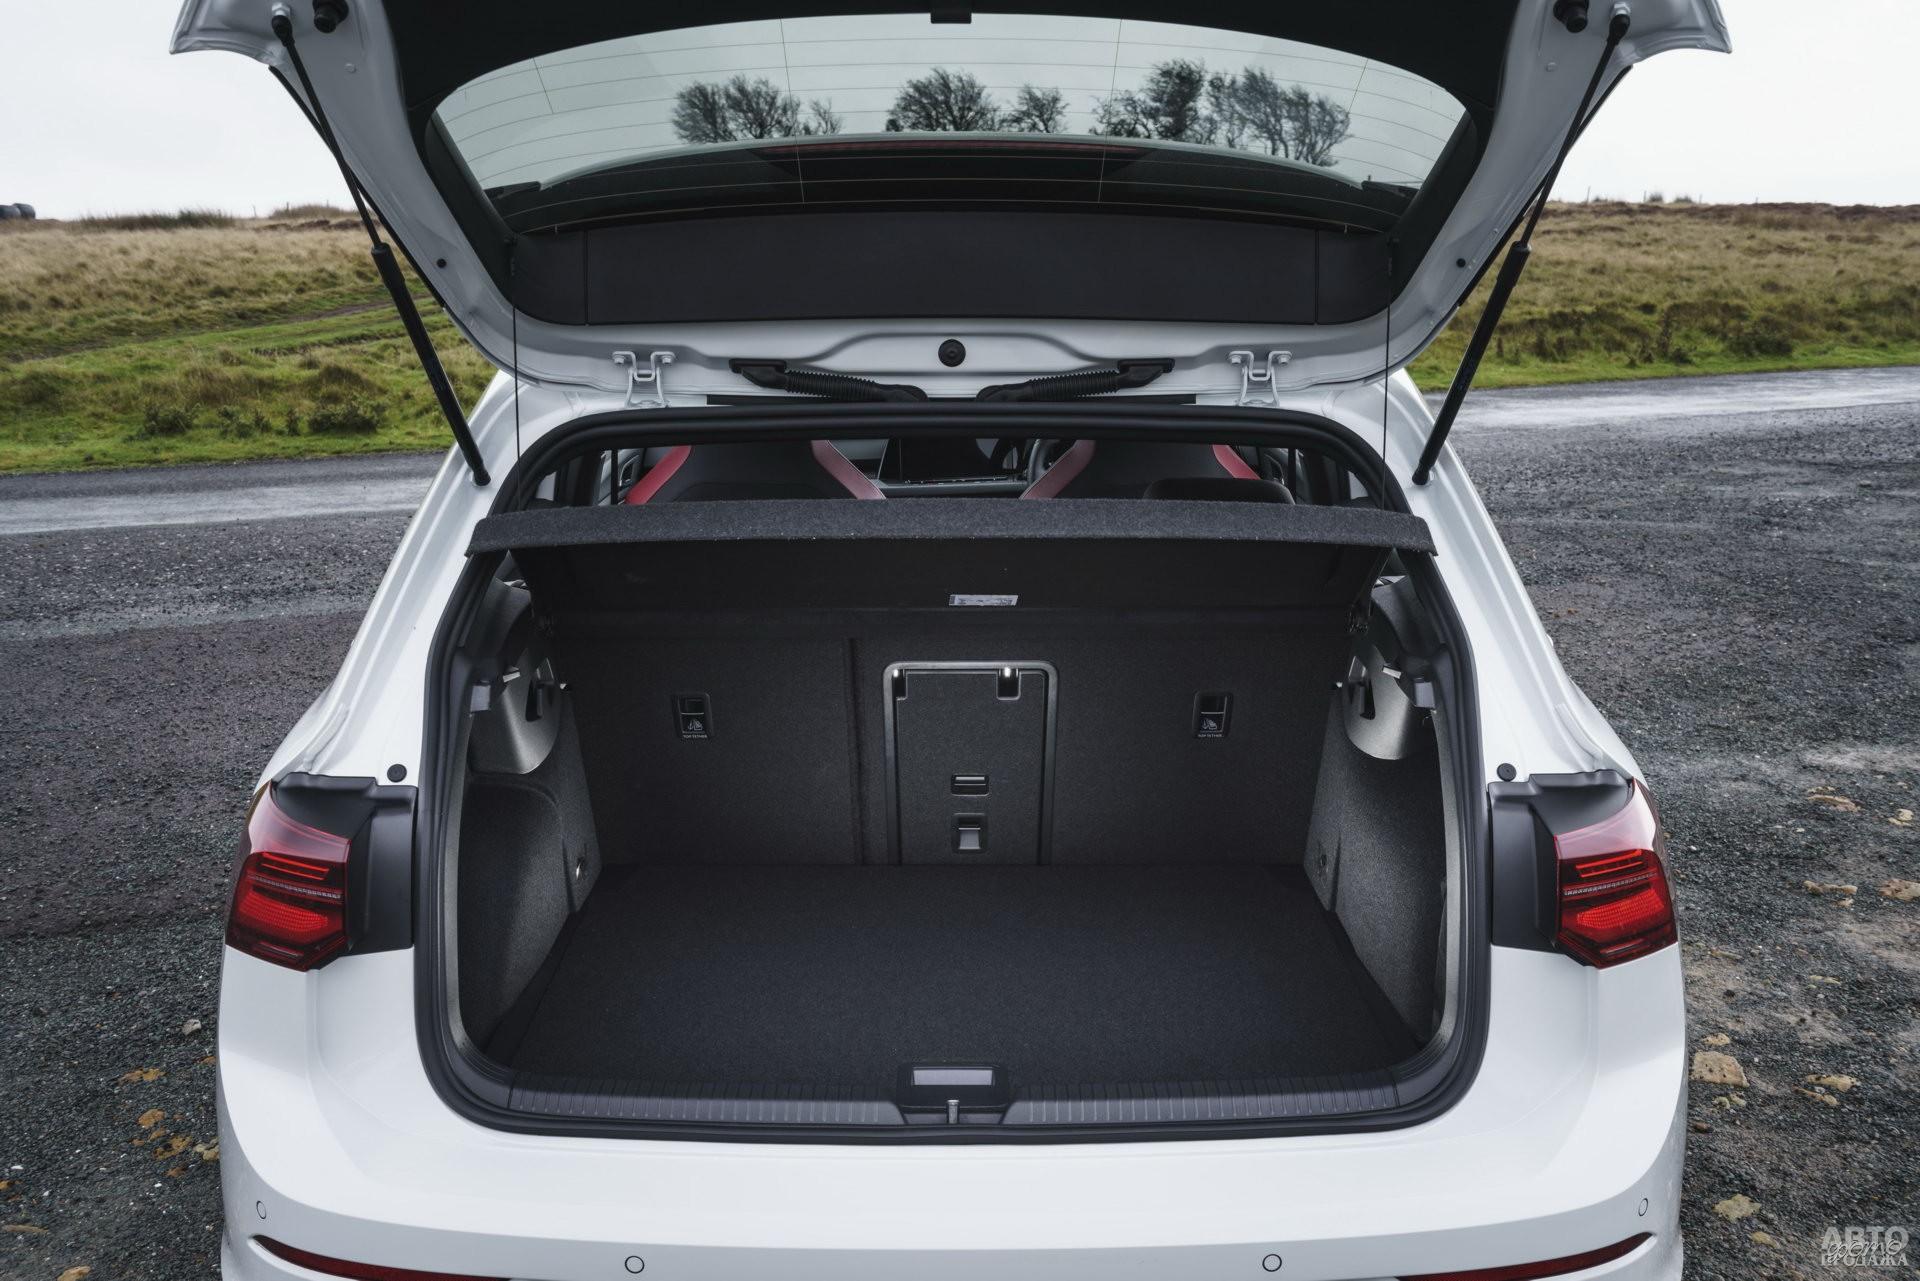 У Volkswagen в распоряжении – 380 л